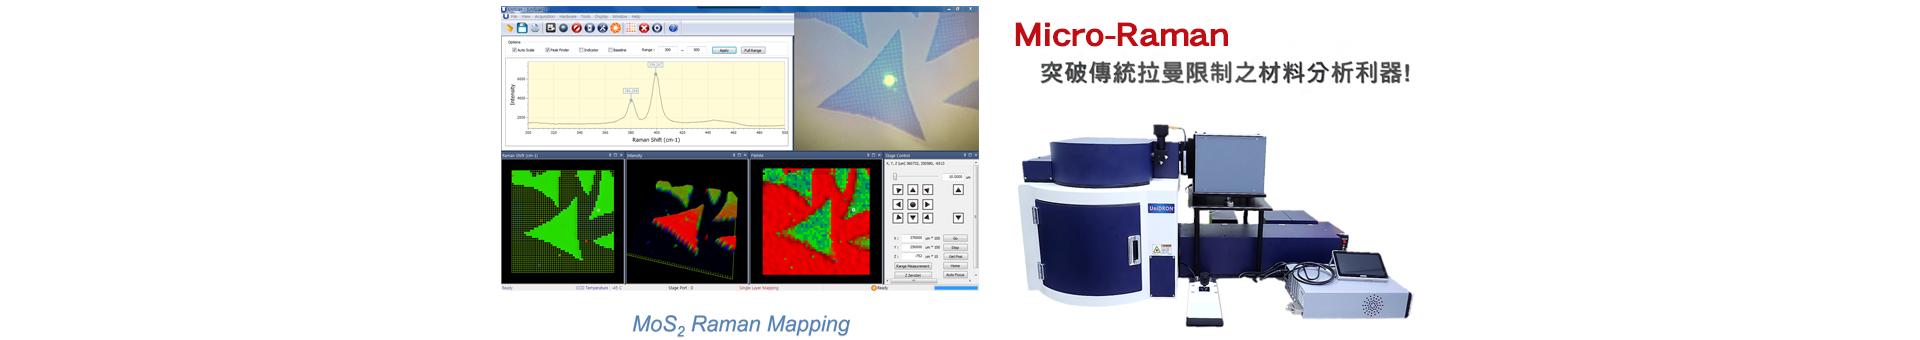 景鴻科技有限公司 CL Technology Co., Ltd.